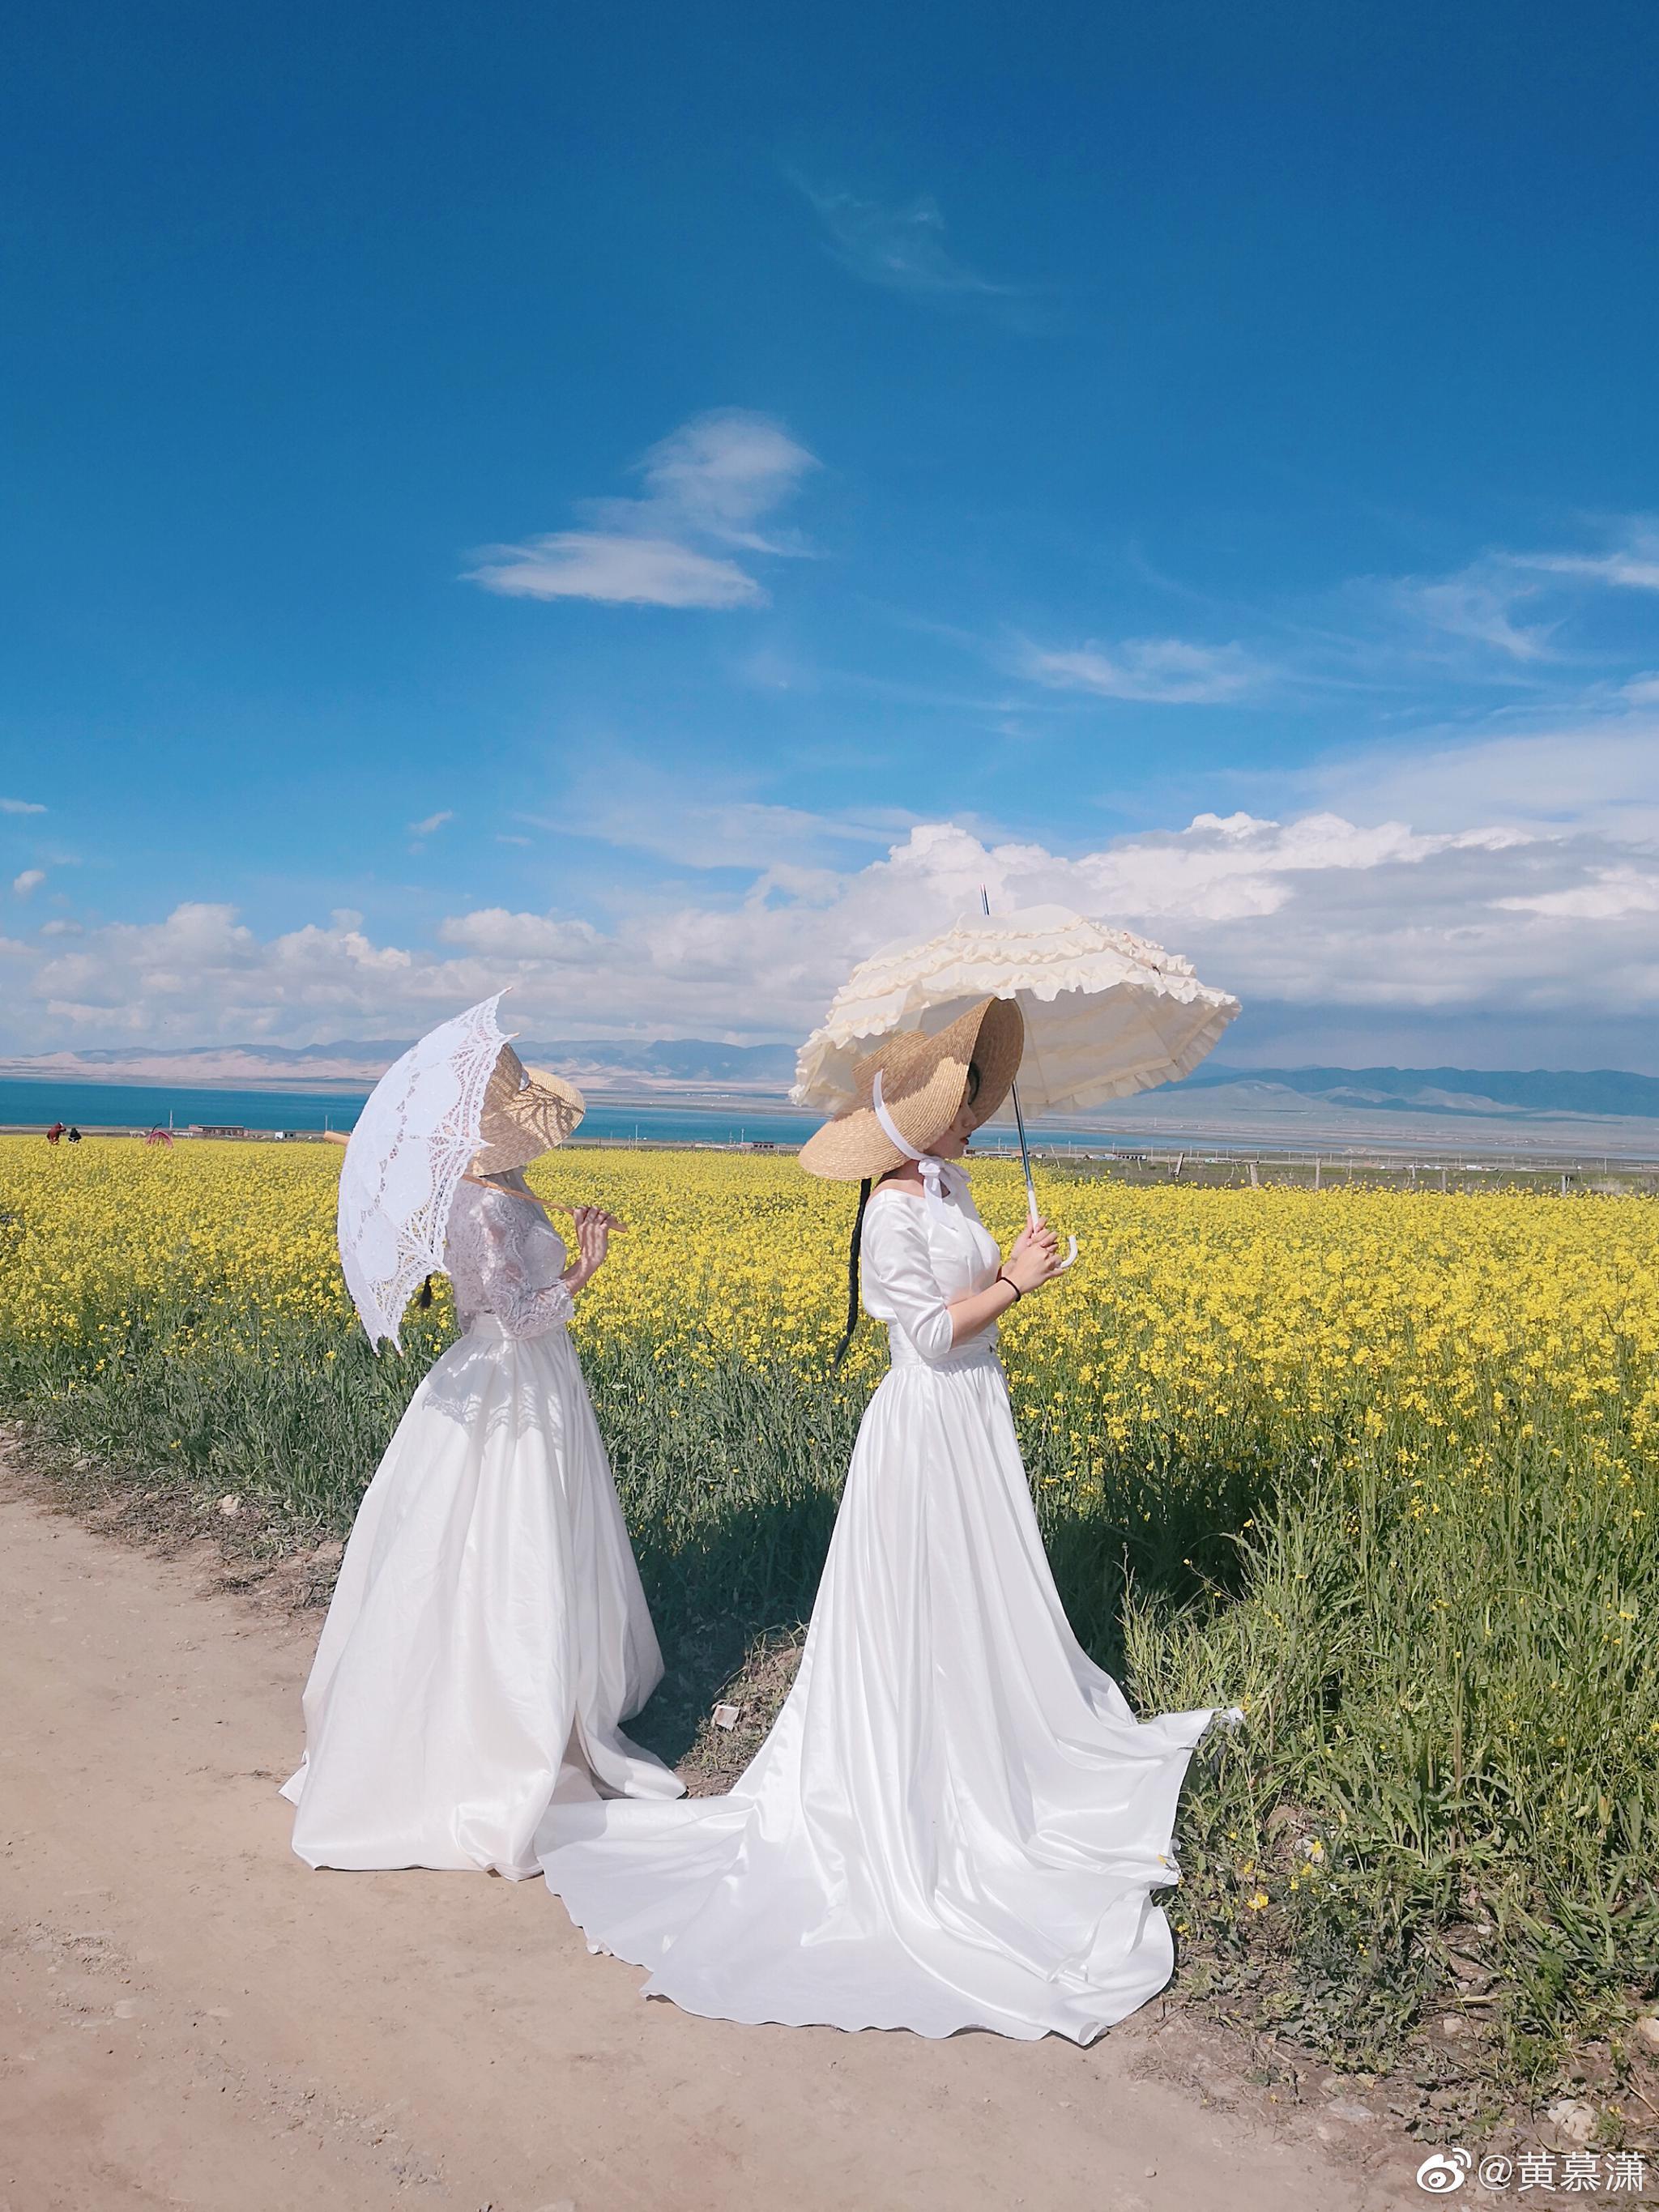 青海湖超美呀我的仙女们@十圓松子 @_秦朝歌_ 太美了